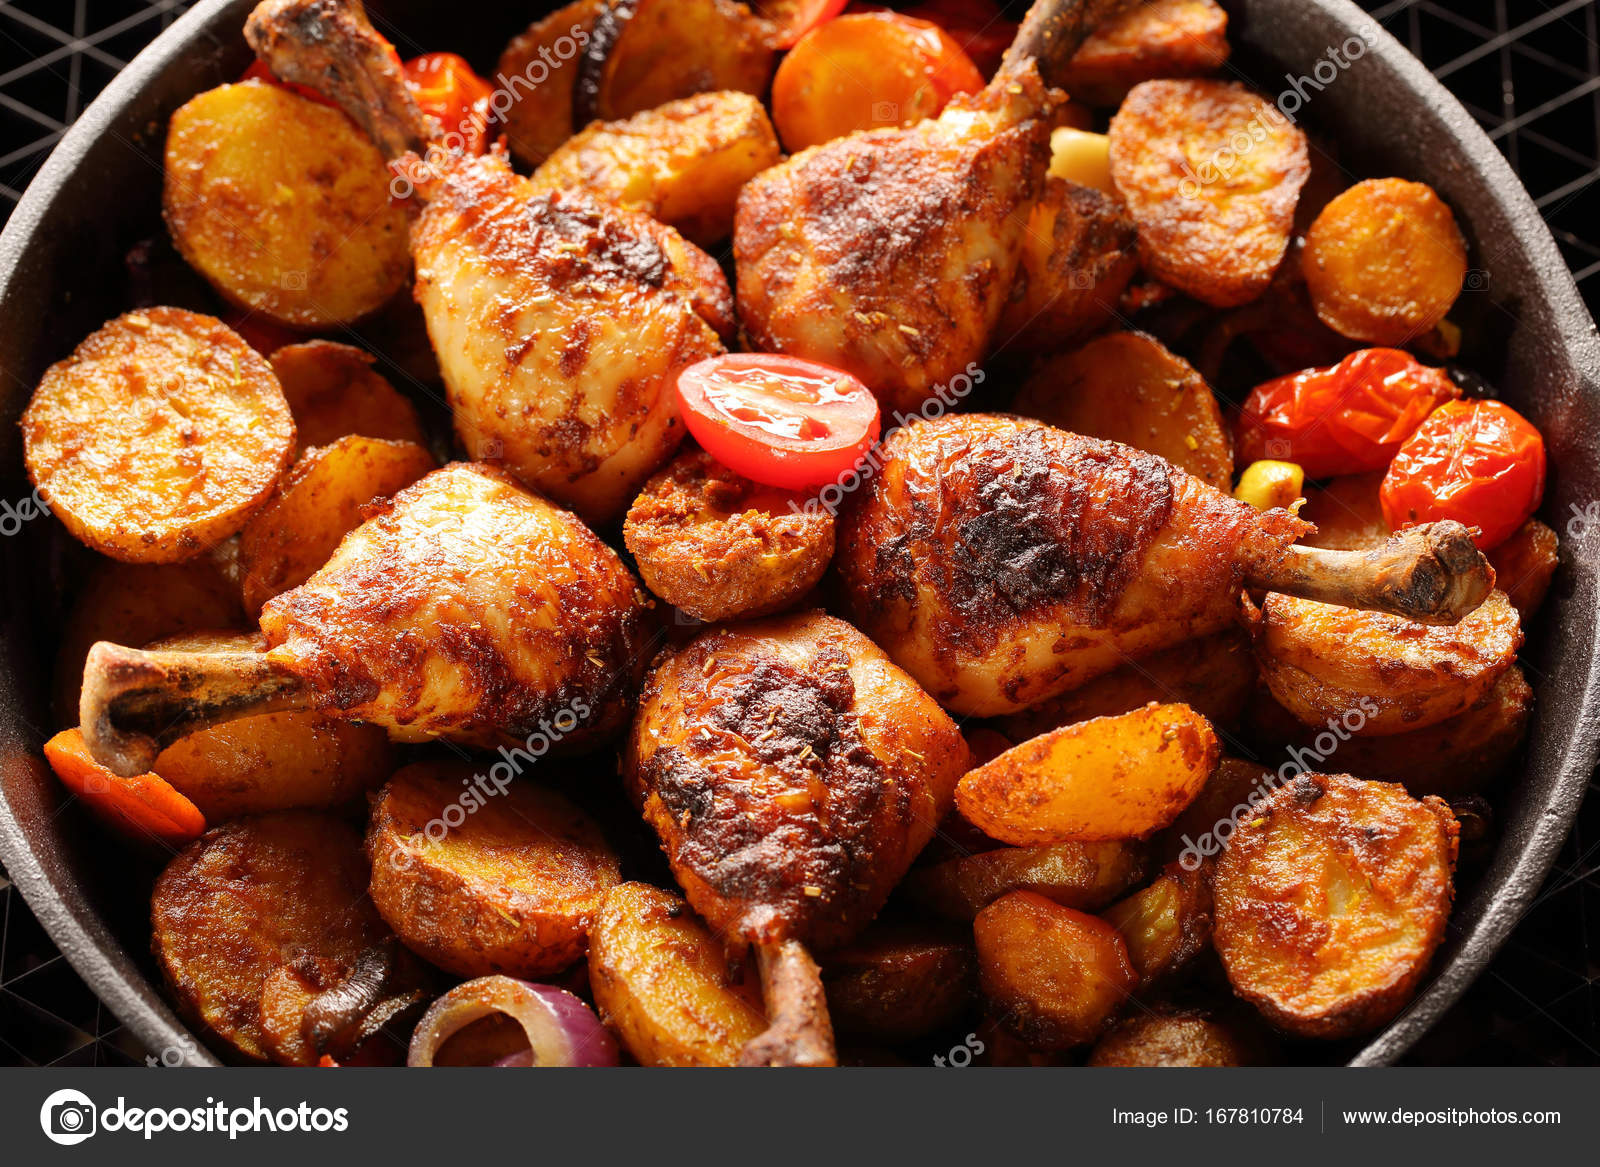 Fırında pişmiş tavuk - kokulu ve lezzetli